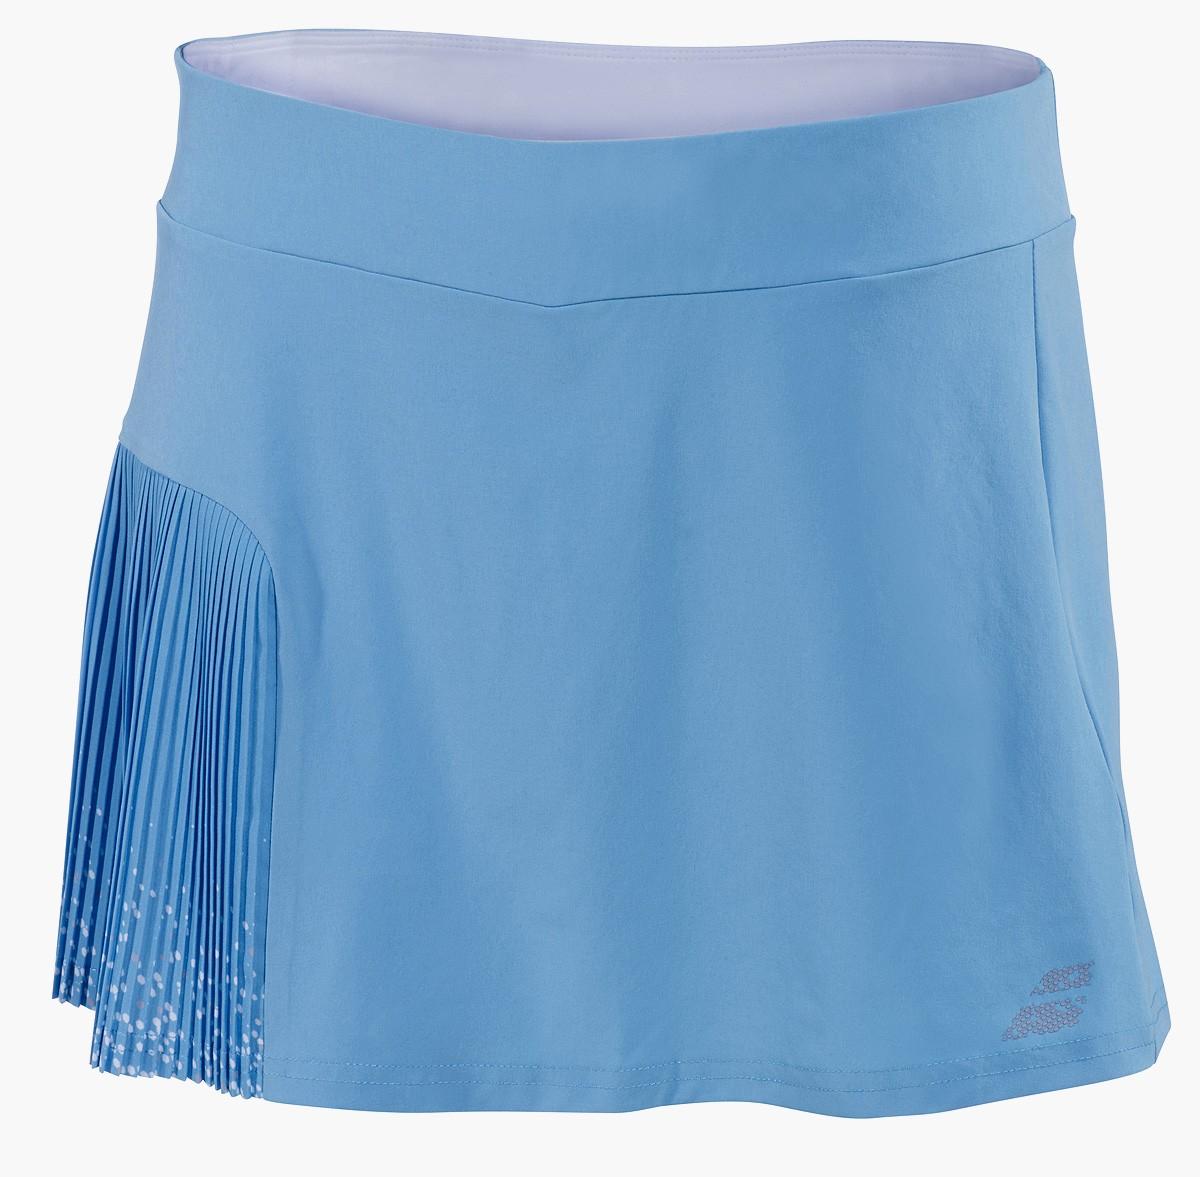 Spódniczka tenisowa Babolat PERF Skirt Horizon Blue - 50%